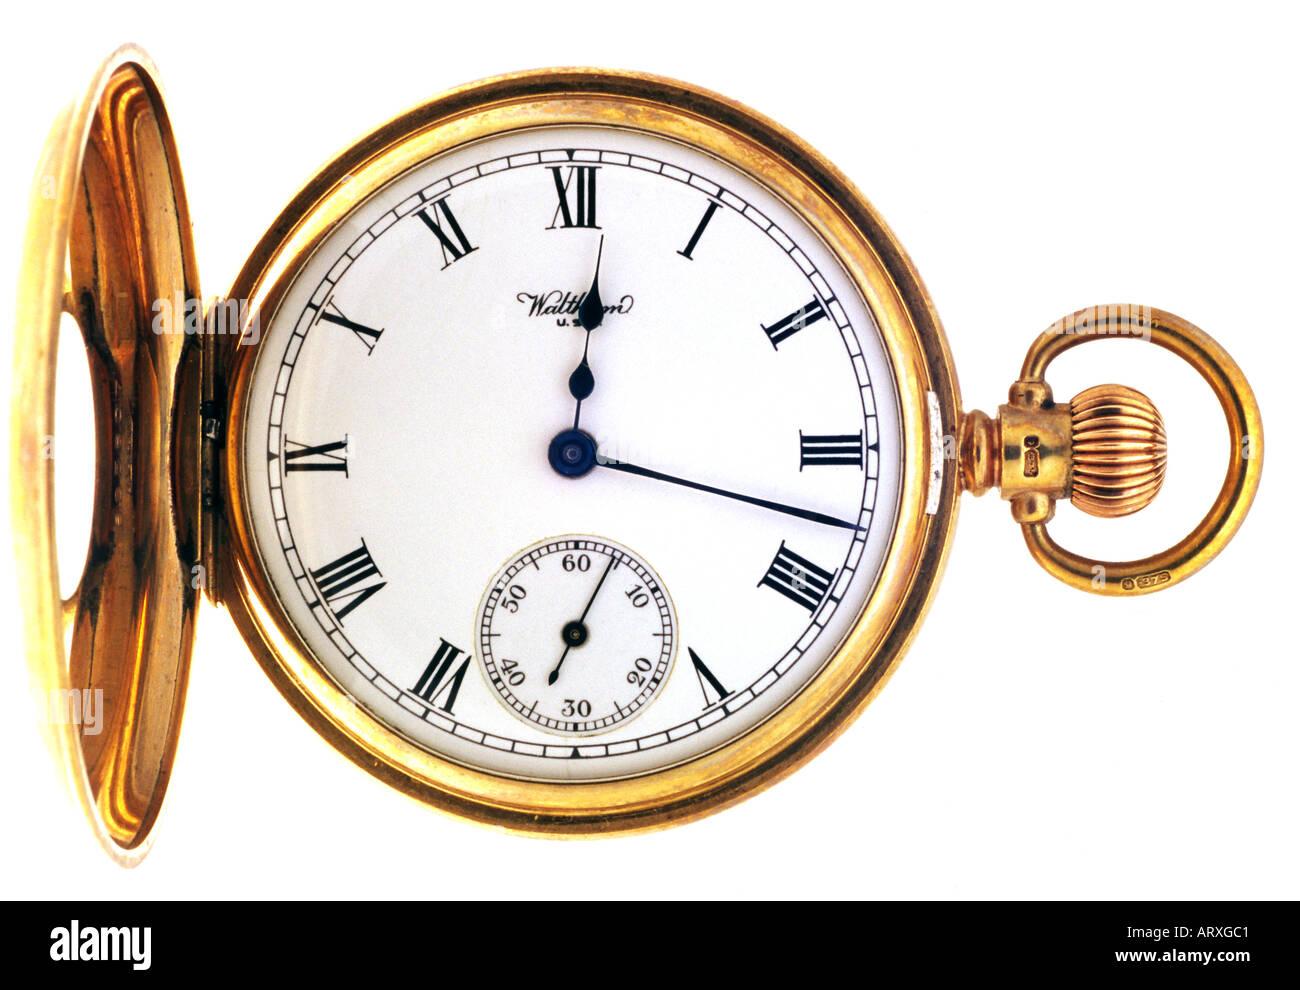 Smiths Empire orologio da tasca datazione datazione di un 32 anno vecchio vergine